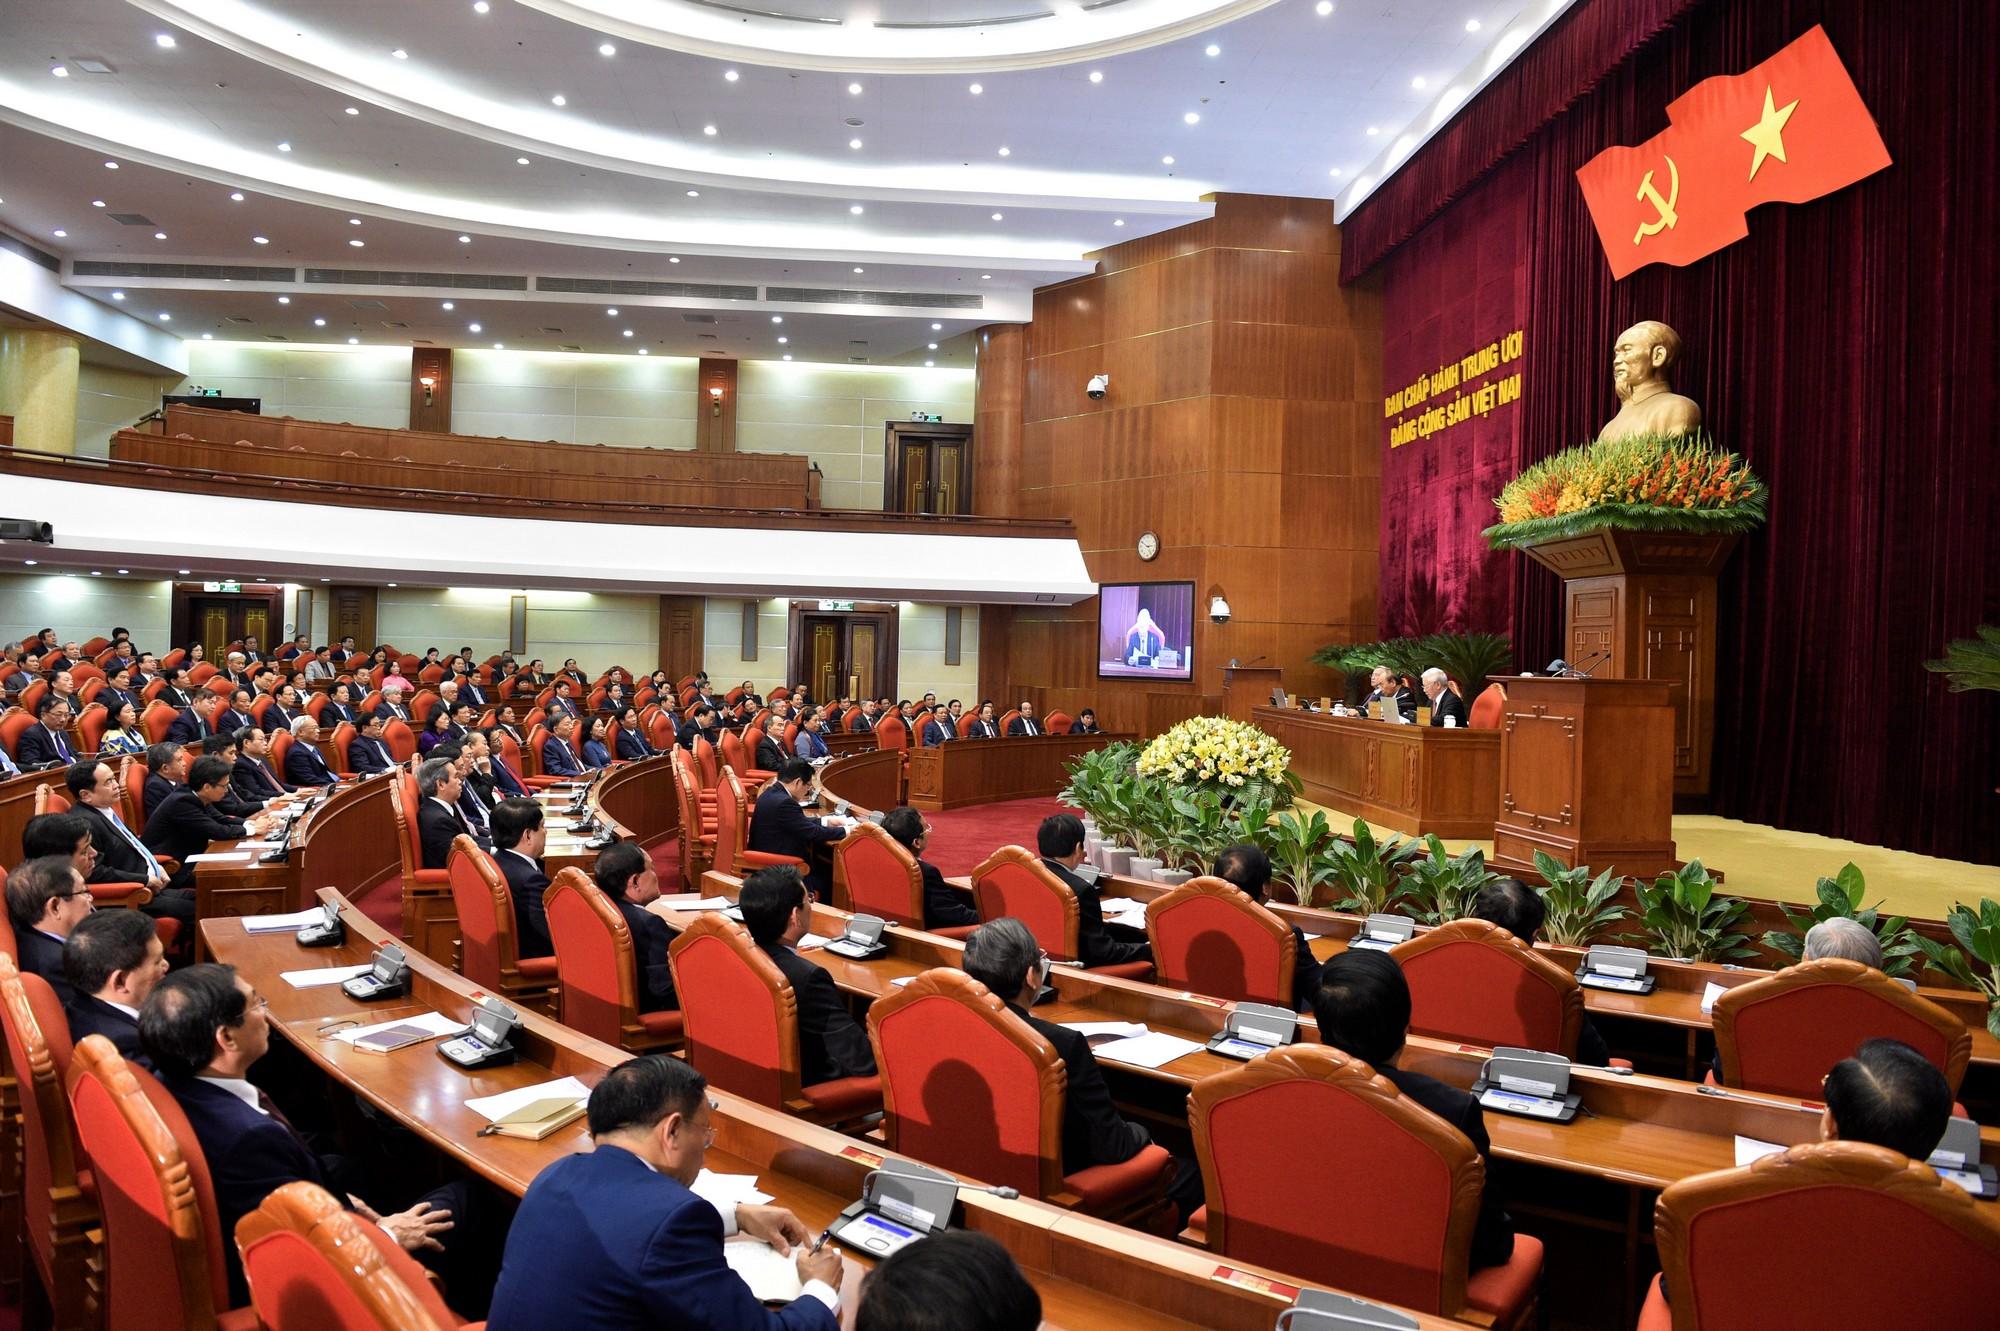 Thông báo Hội nghị lần thứ 12 Ban Chấp hành Trung ương Đảng khoá XII